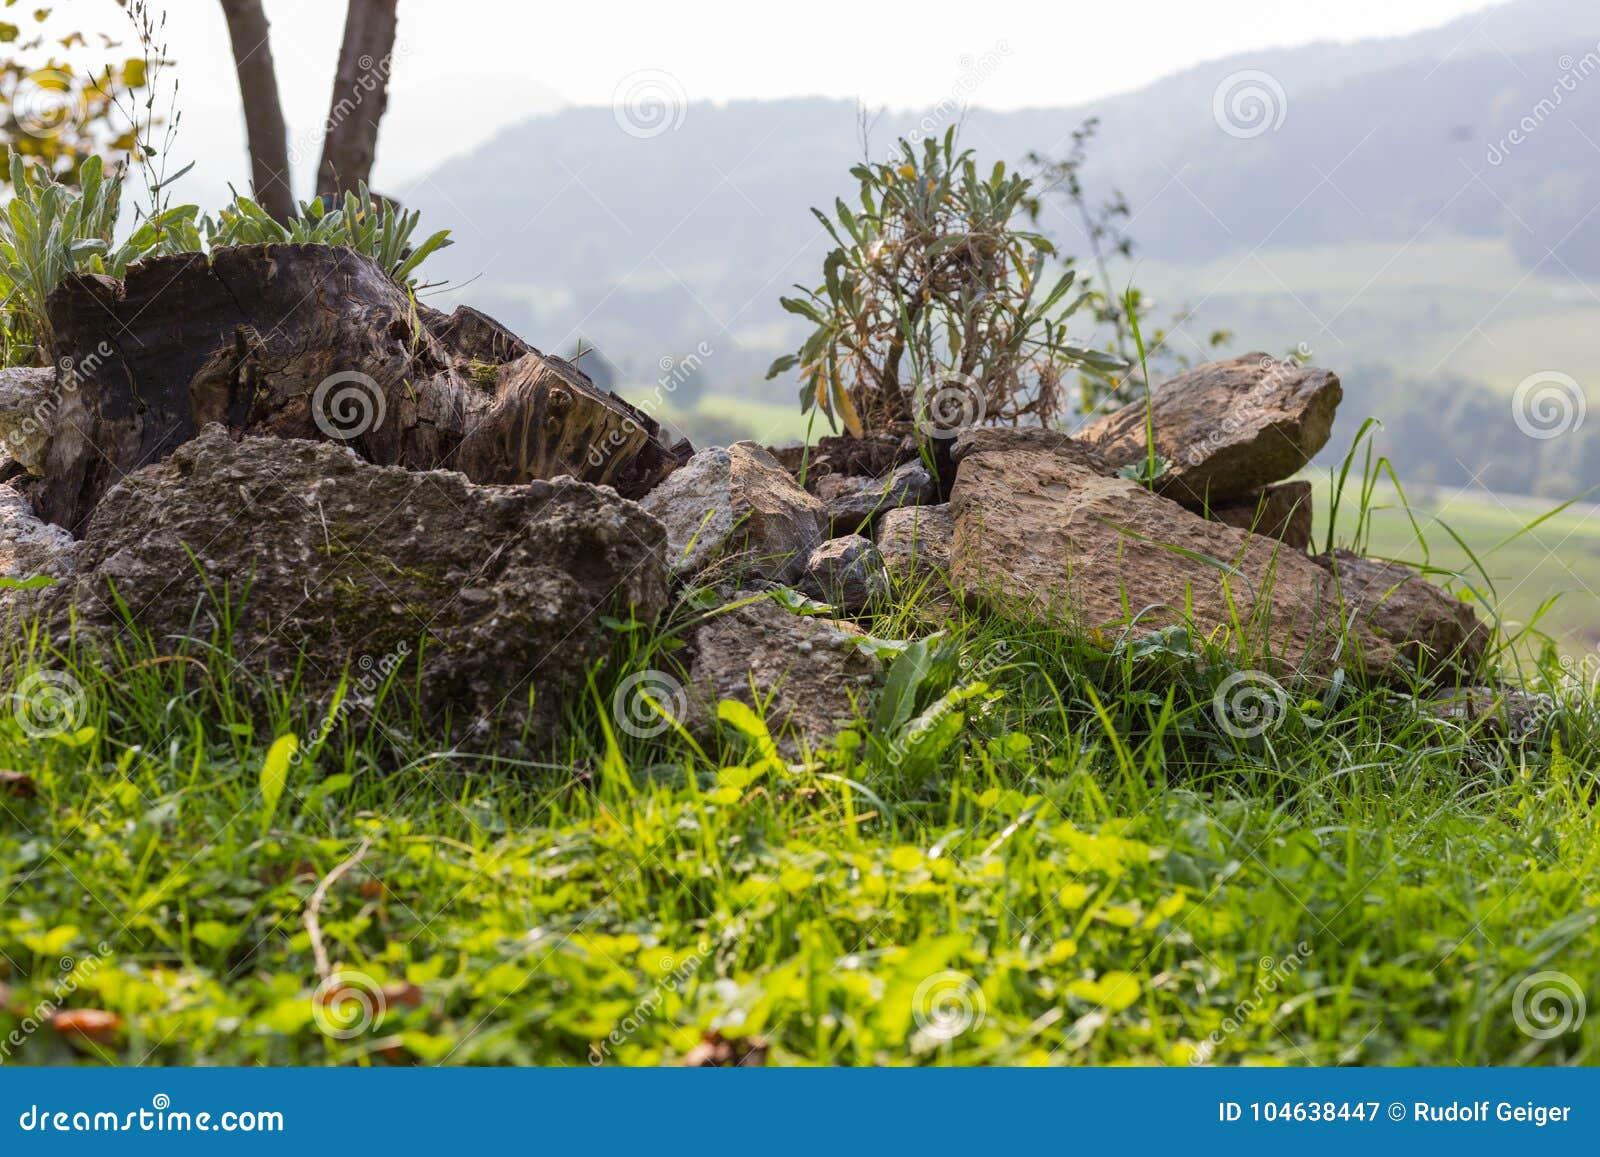 Download Tuin Van Het Zuiden De Duitse Plattelandshuisje Stock Afbeelding - Afbeelding bestaande uit steen, overzees: 104638447